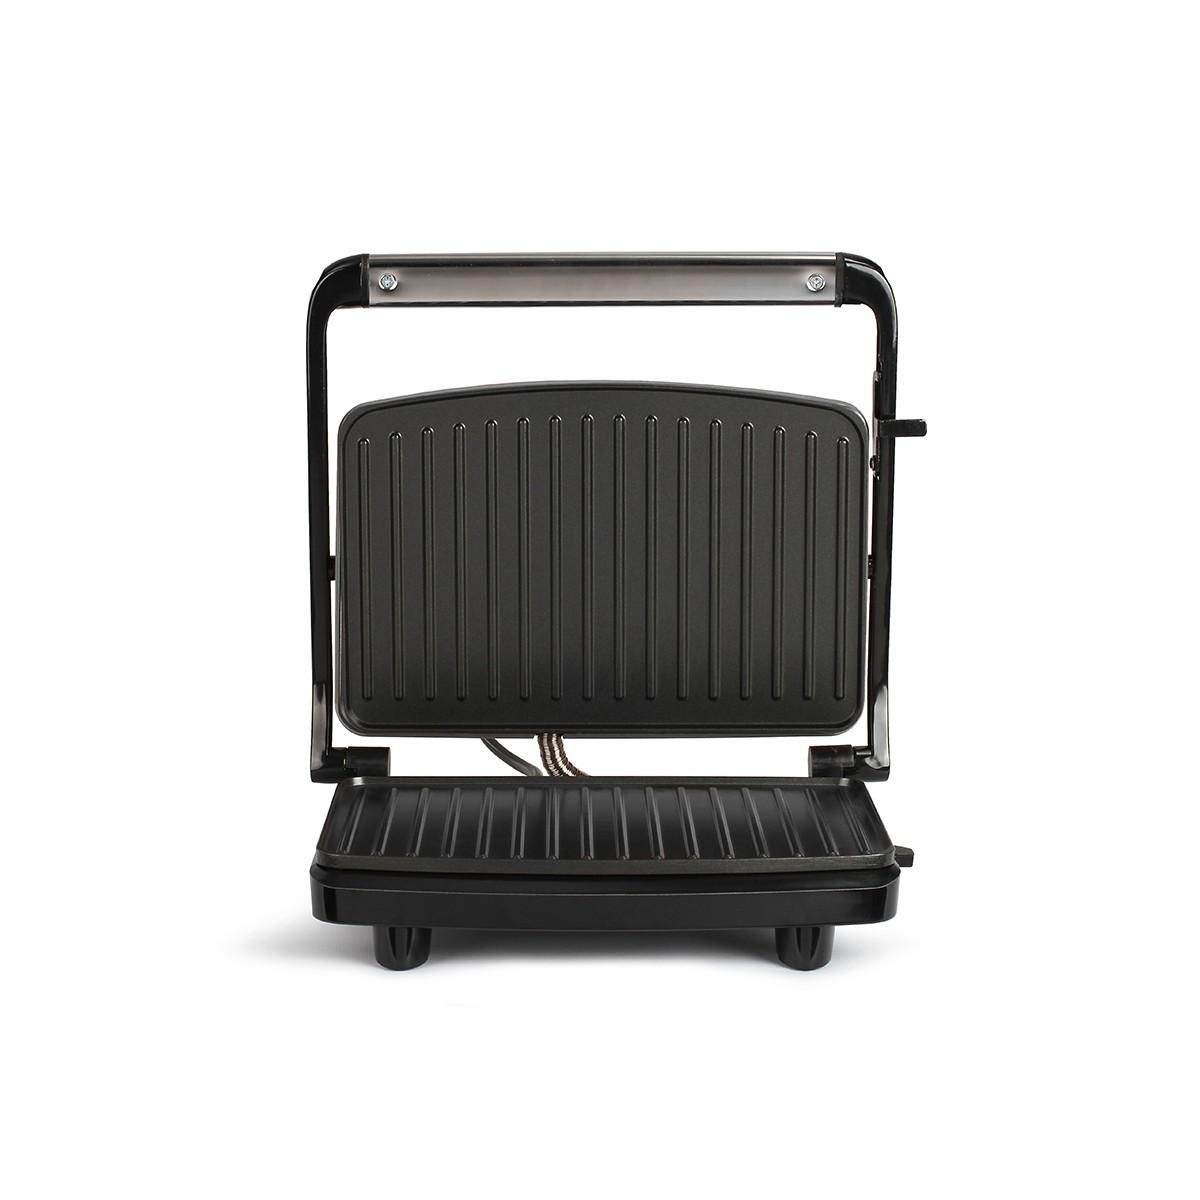 Compact grill en aluminium gris